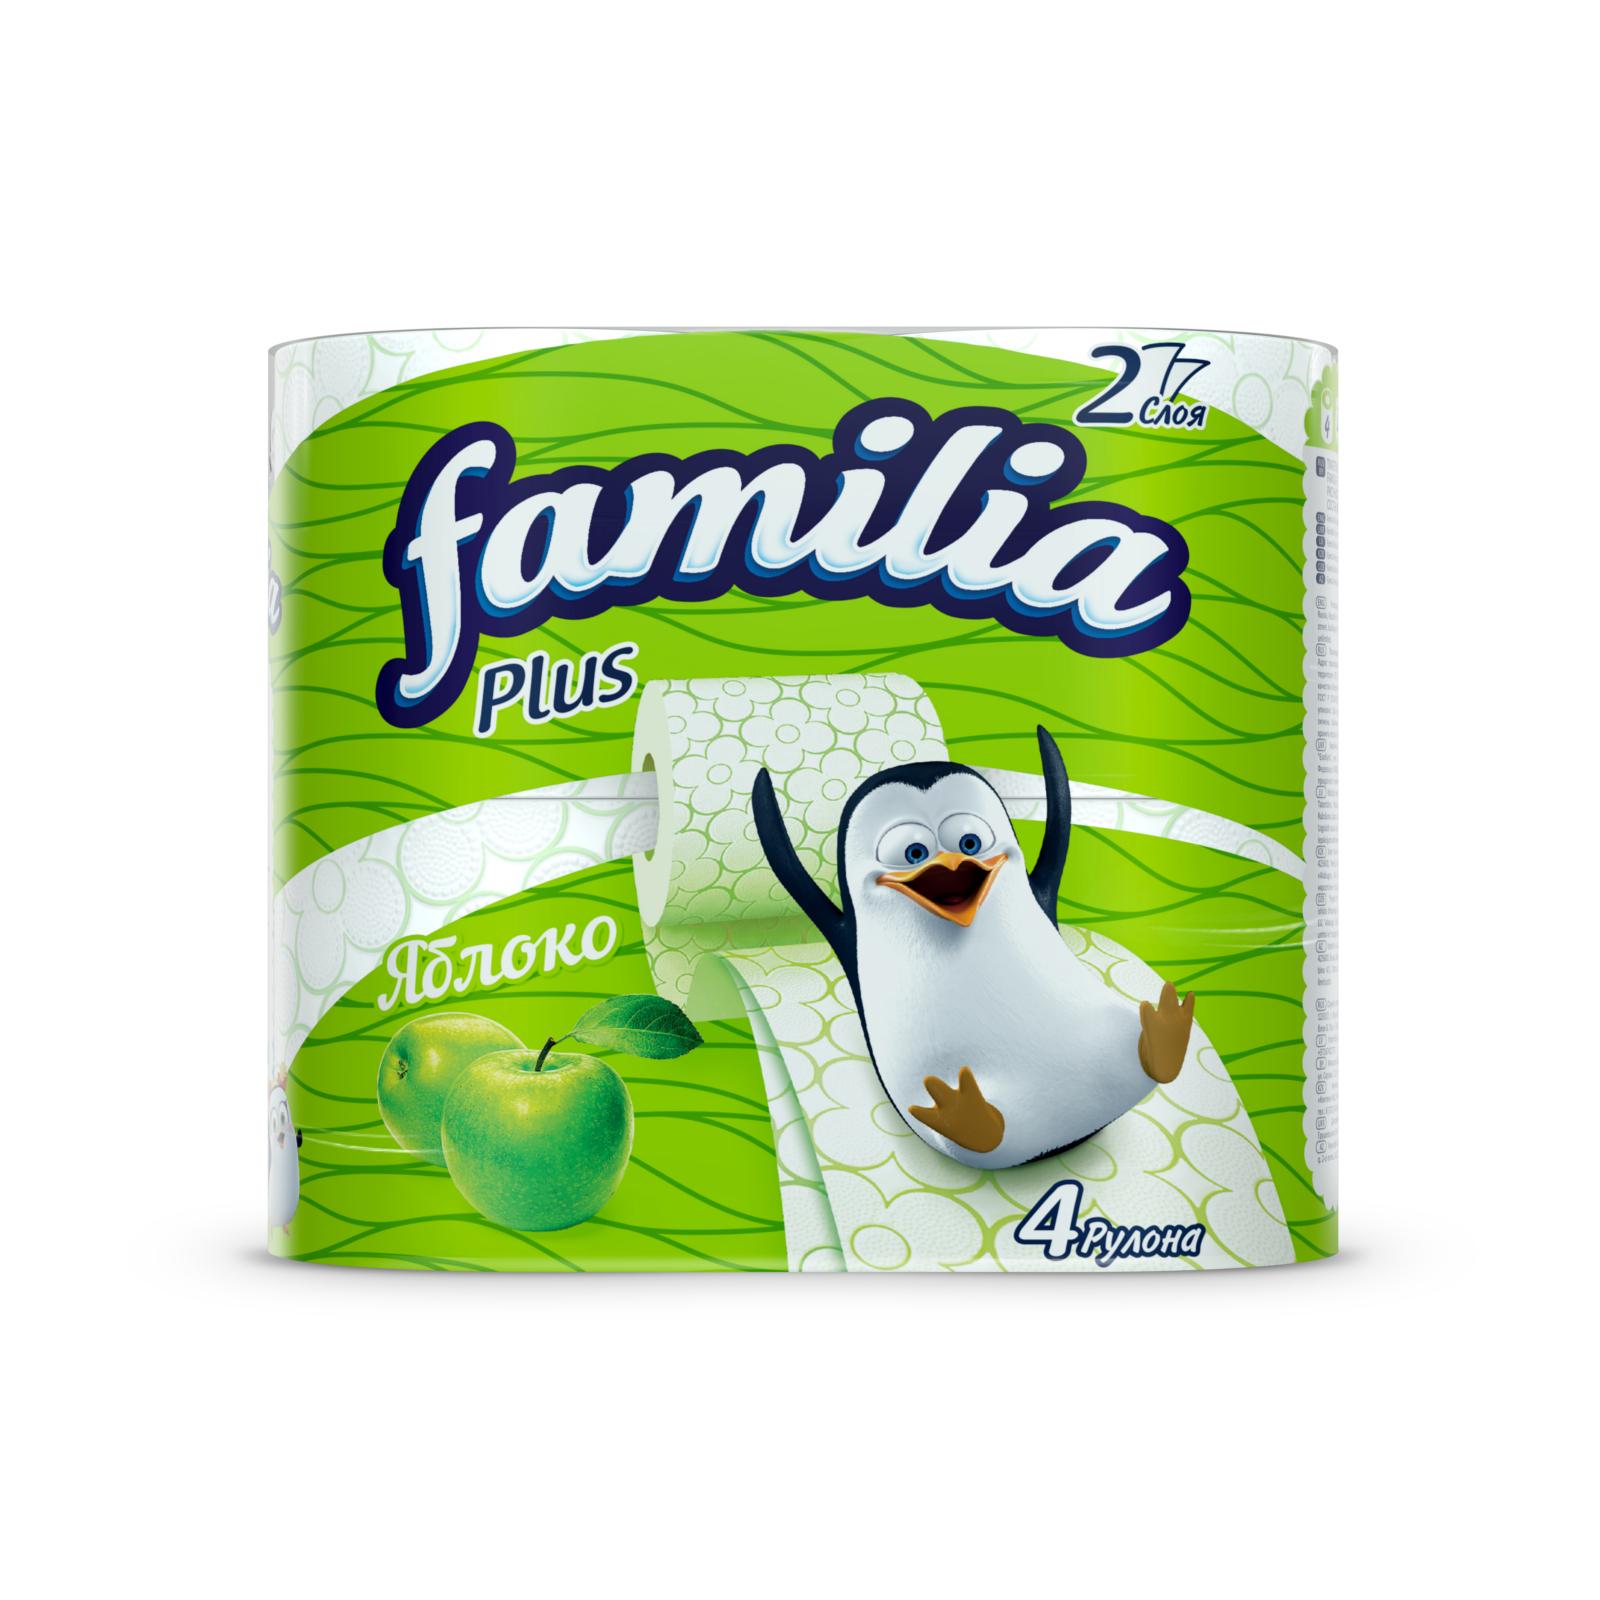 Туалетная бумага Familia Plus яблоко (2 слоя) 4 шт<br>